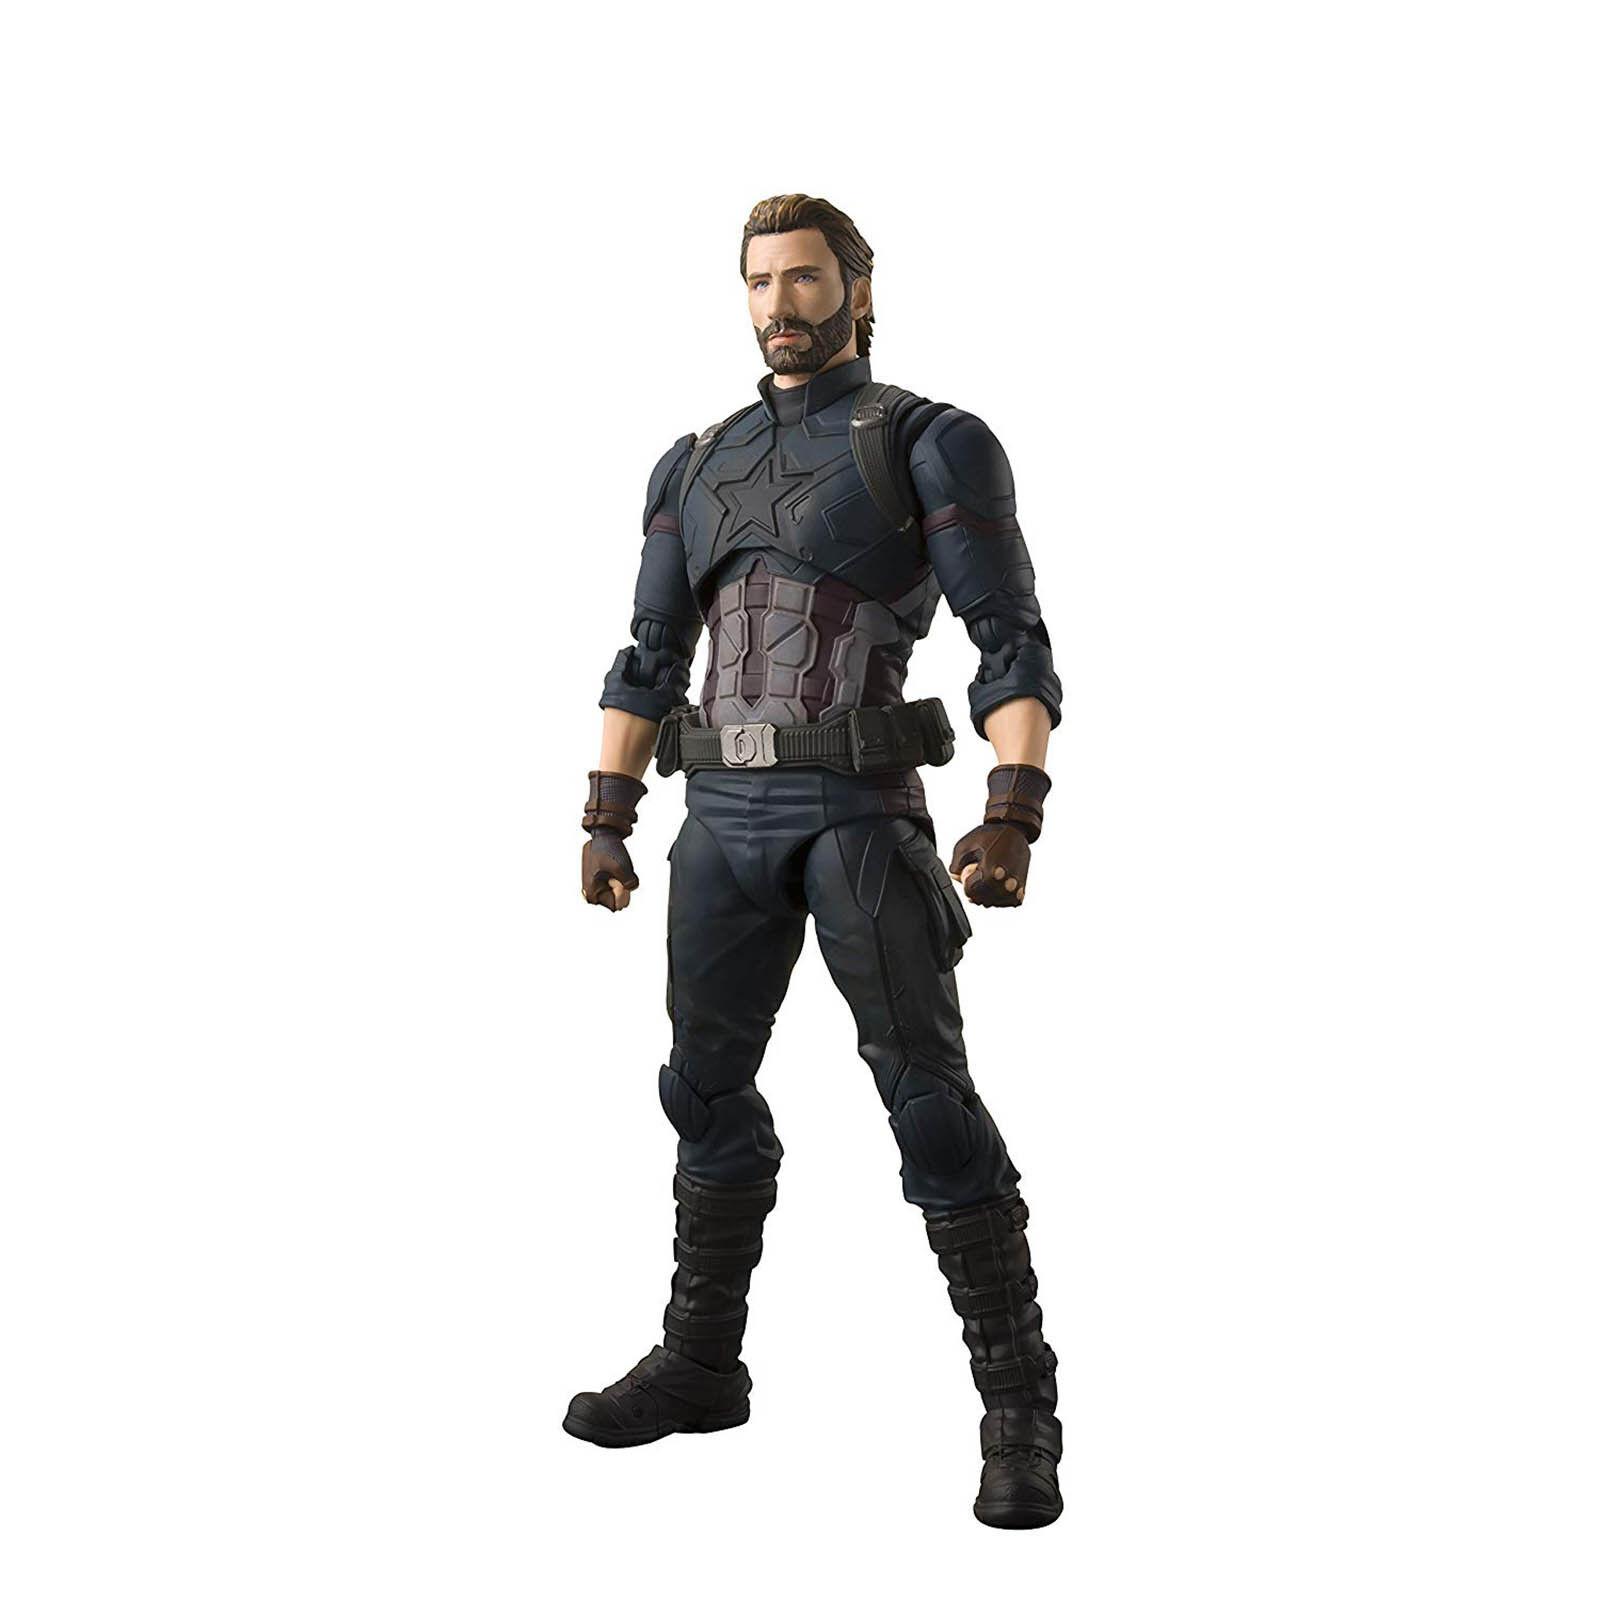 Bandai Vengadores Capitán América y efectos Figuarts Figura de Acción Juguetes Set Nuevo